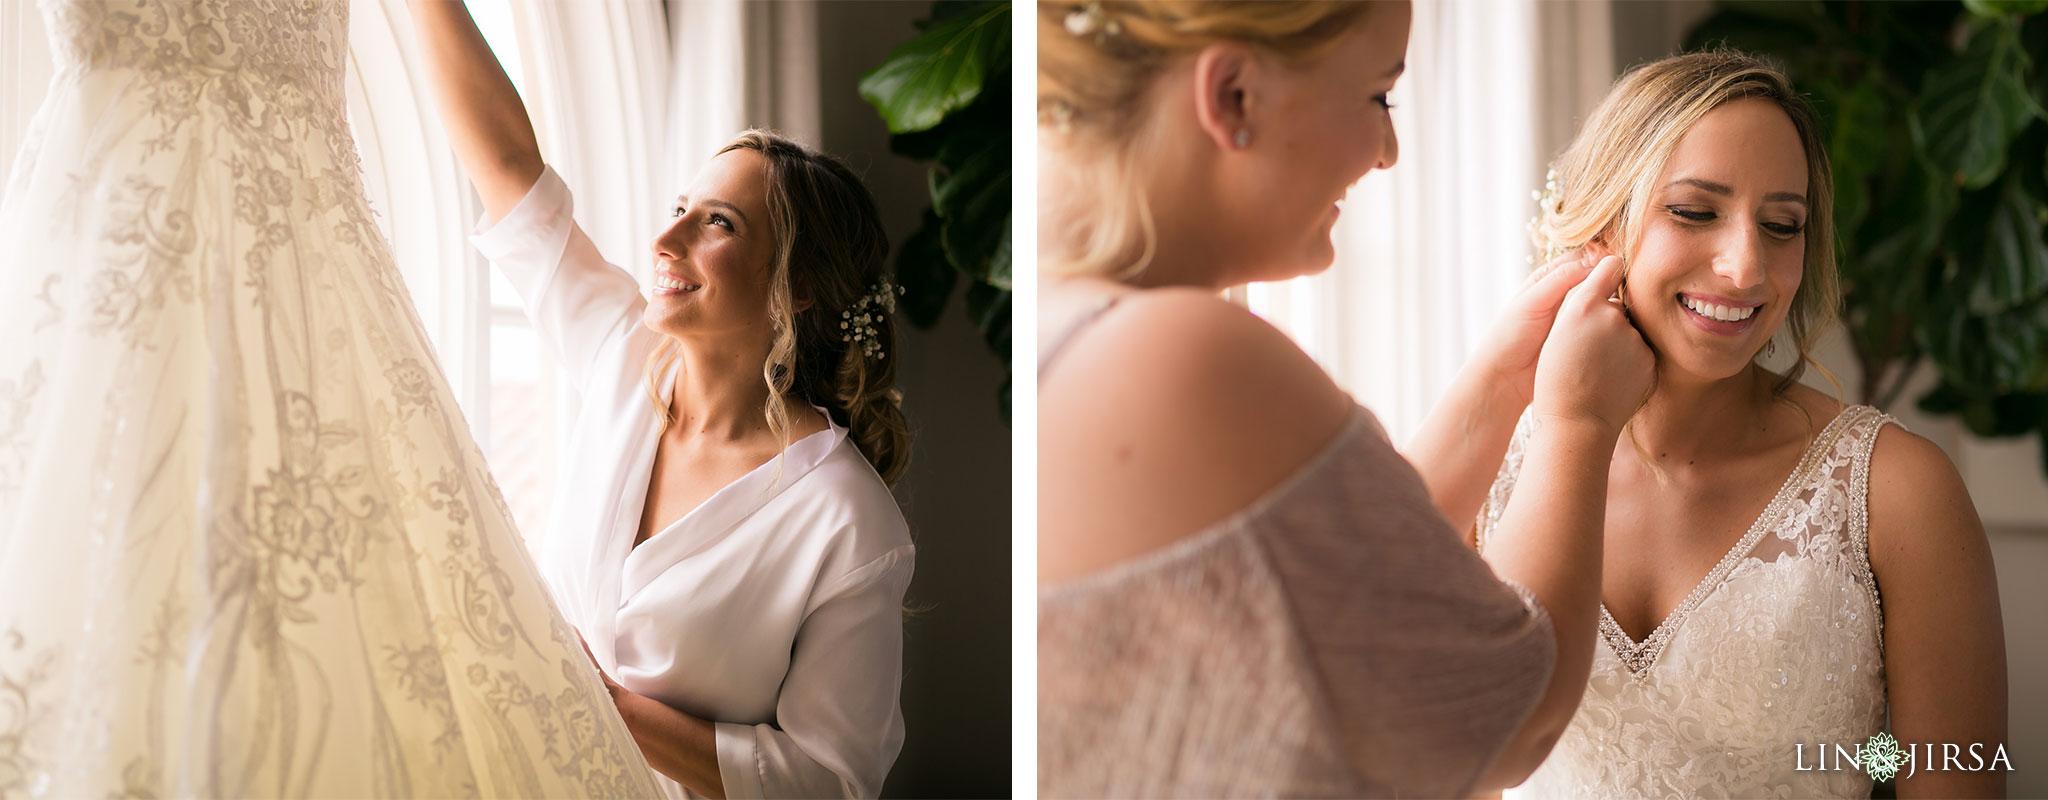 03 casa del mar santa monica bride wedding photography